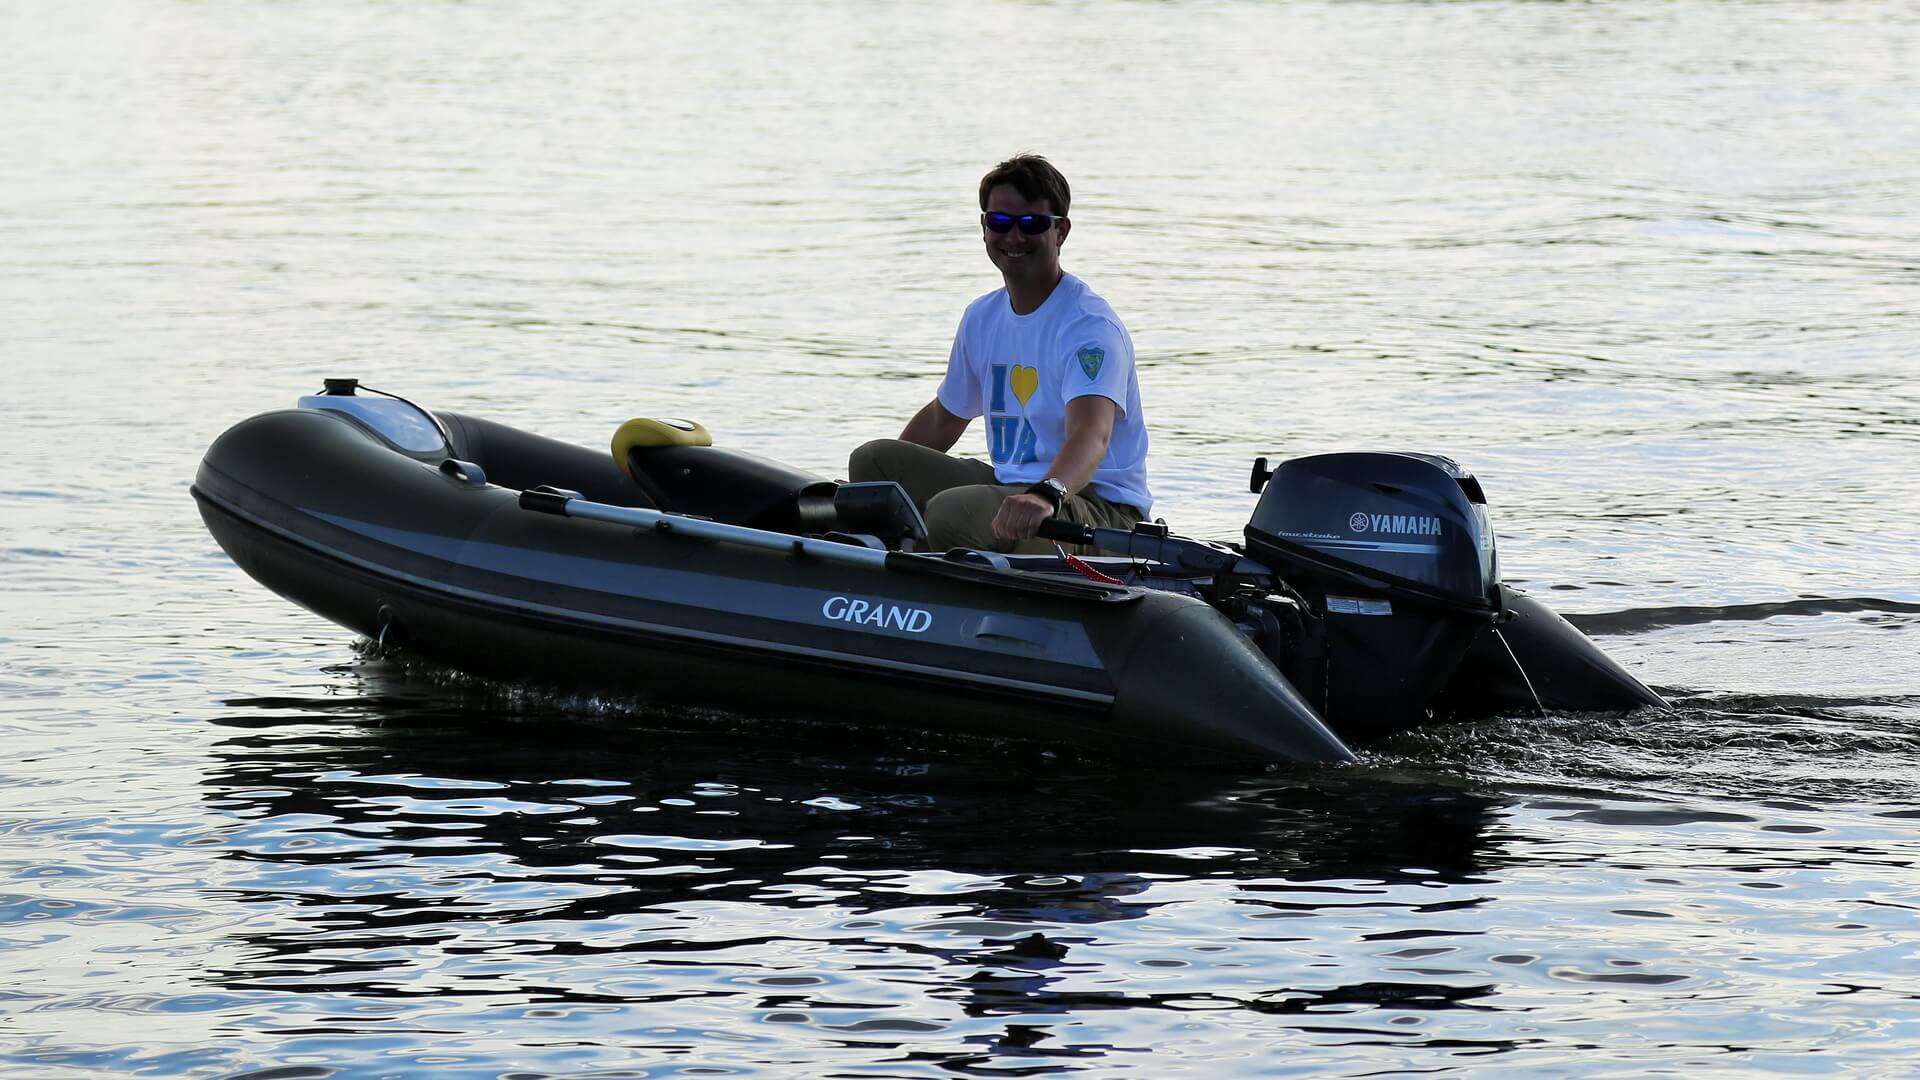 Складная надувная лодка с настилом GRAND Corvette C330, Надувная лодка Corvette C330, GRAND Corvette C330, GRAND C330,Надувная лодка Corvette C330A, GRAND Corvette C330A, GRAND C330A, Складная надувная лодка GRAND, Надувная лодка GRAND, Надувная лодка ГРАНД, Разборная надувная лодка с жёстким настилом, Разборная надувная лодка с надувным настилом, Fordable Boats